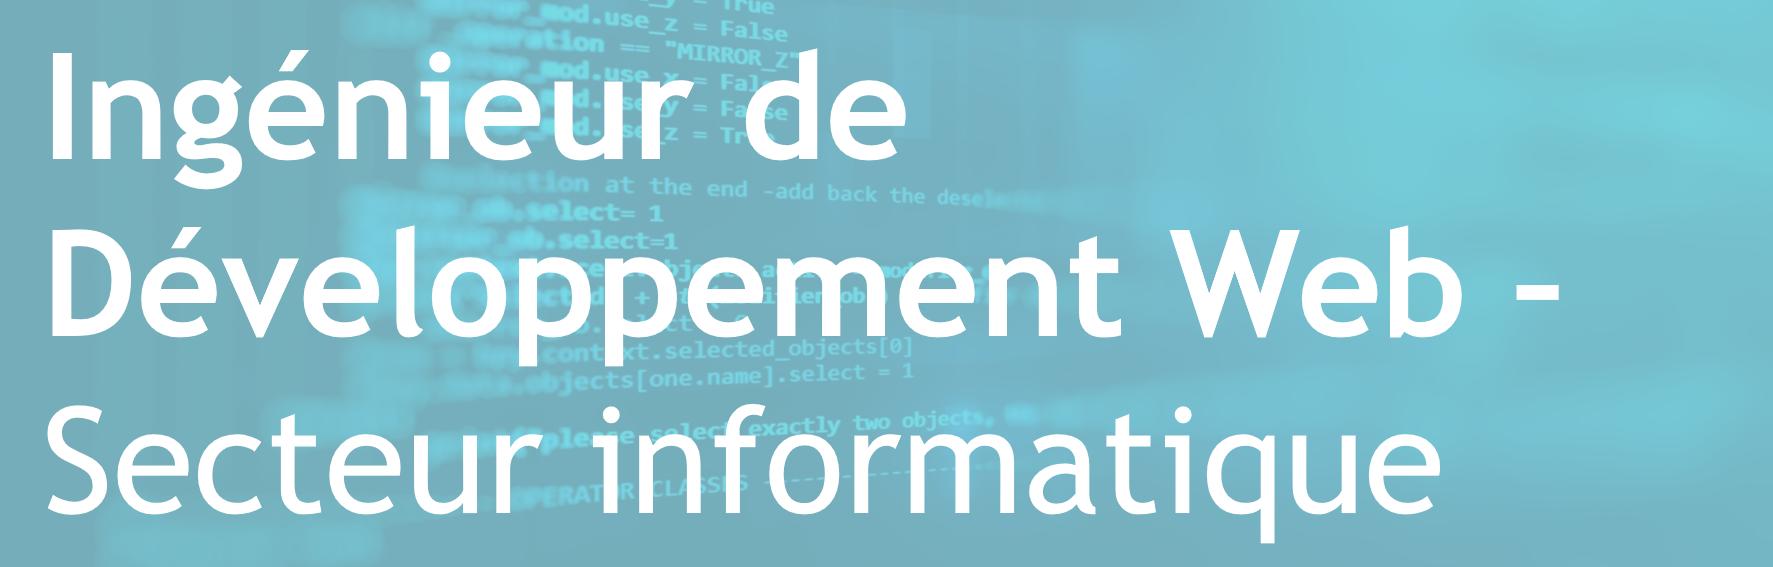 Ingénieur de Développement Web – Secteur de l'informatique – FR/EN